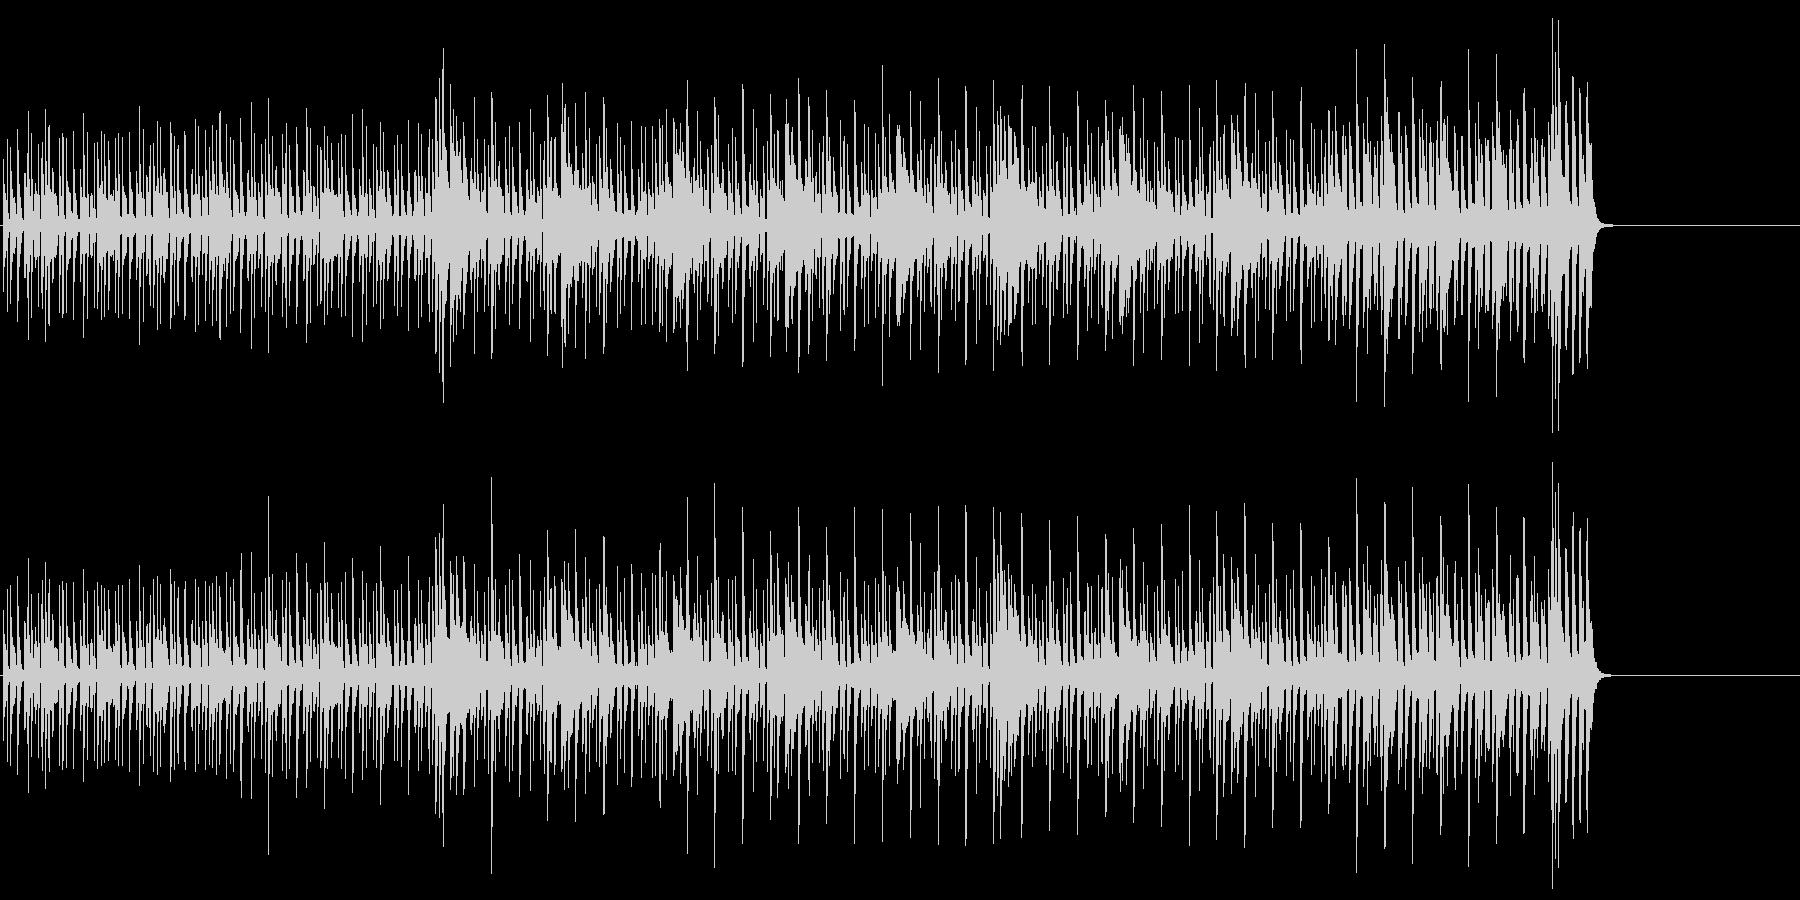 パーカッシヴでタイトなサウンドの未再生の波形